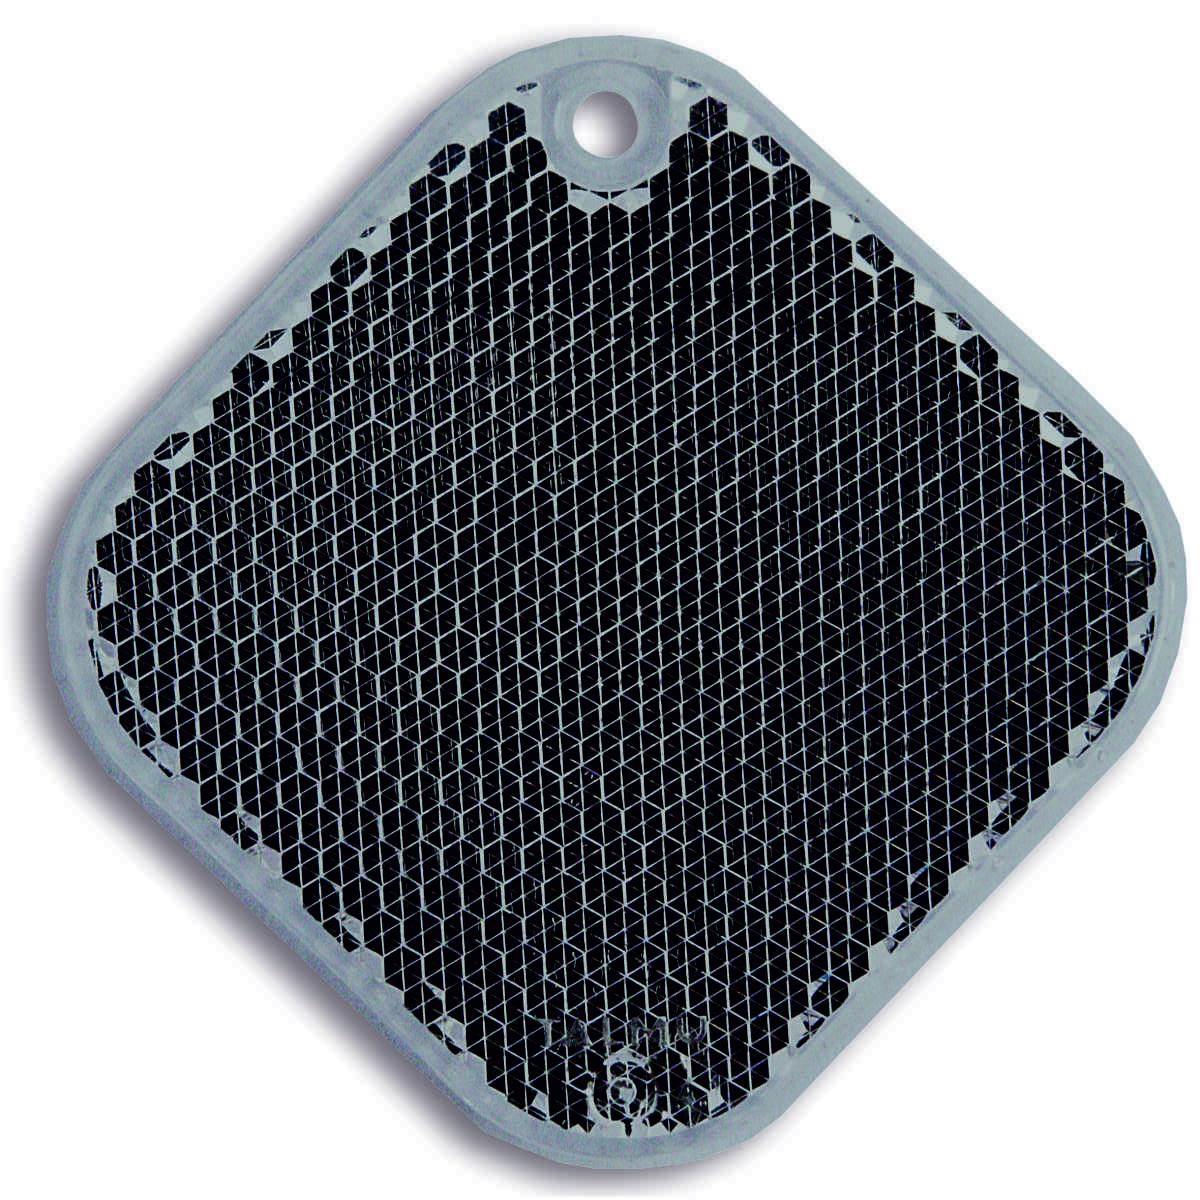 Мамасвет Светоотражатель пешеходный Ромб цвет серый ( 51004.20 )